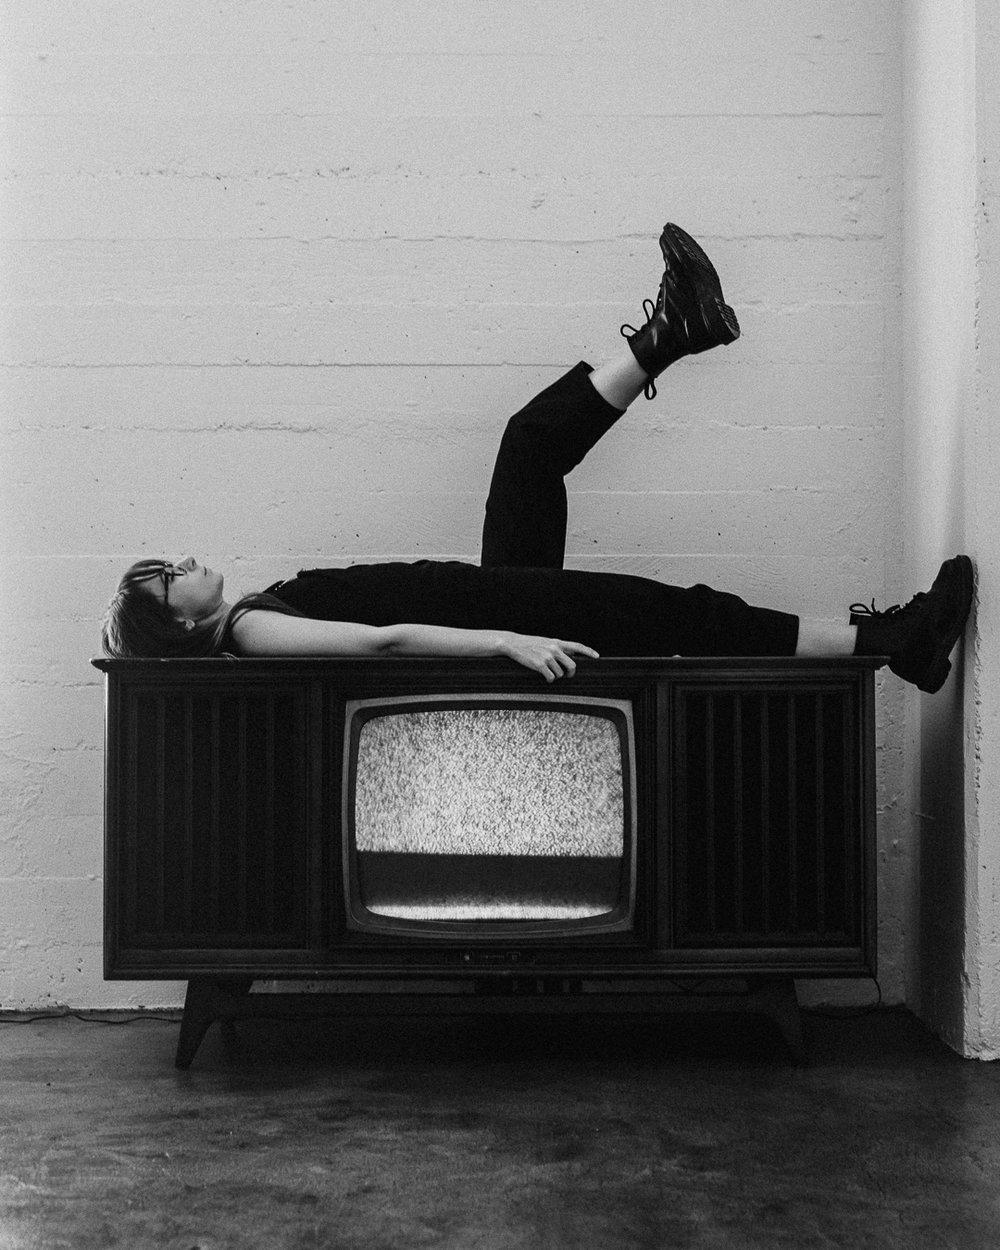 tv junk-01.jpg